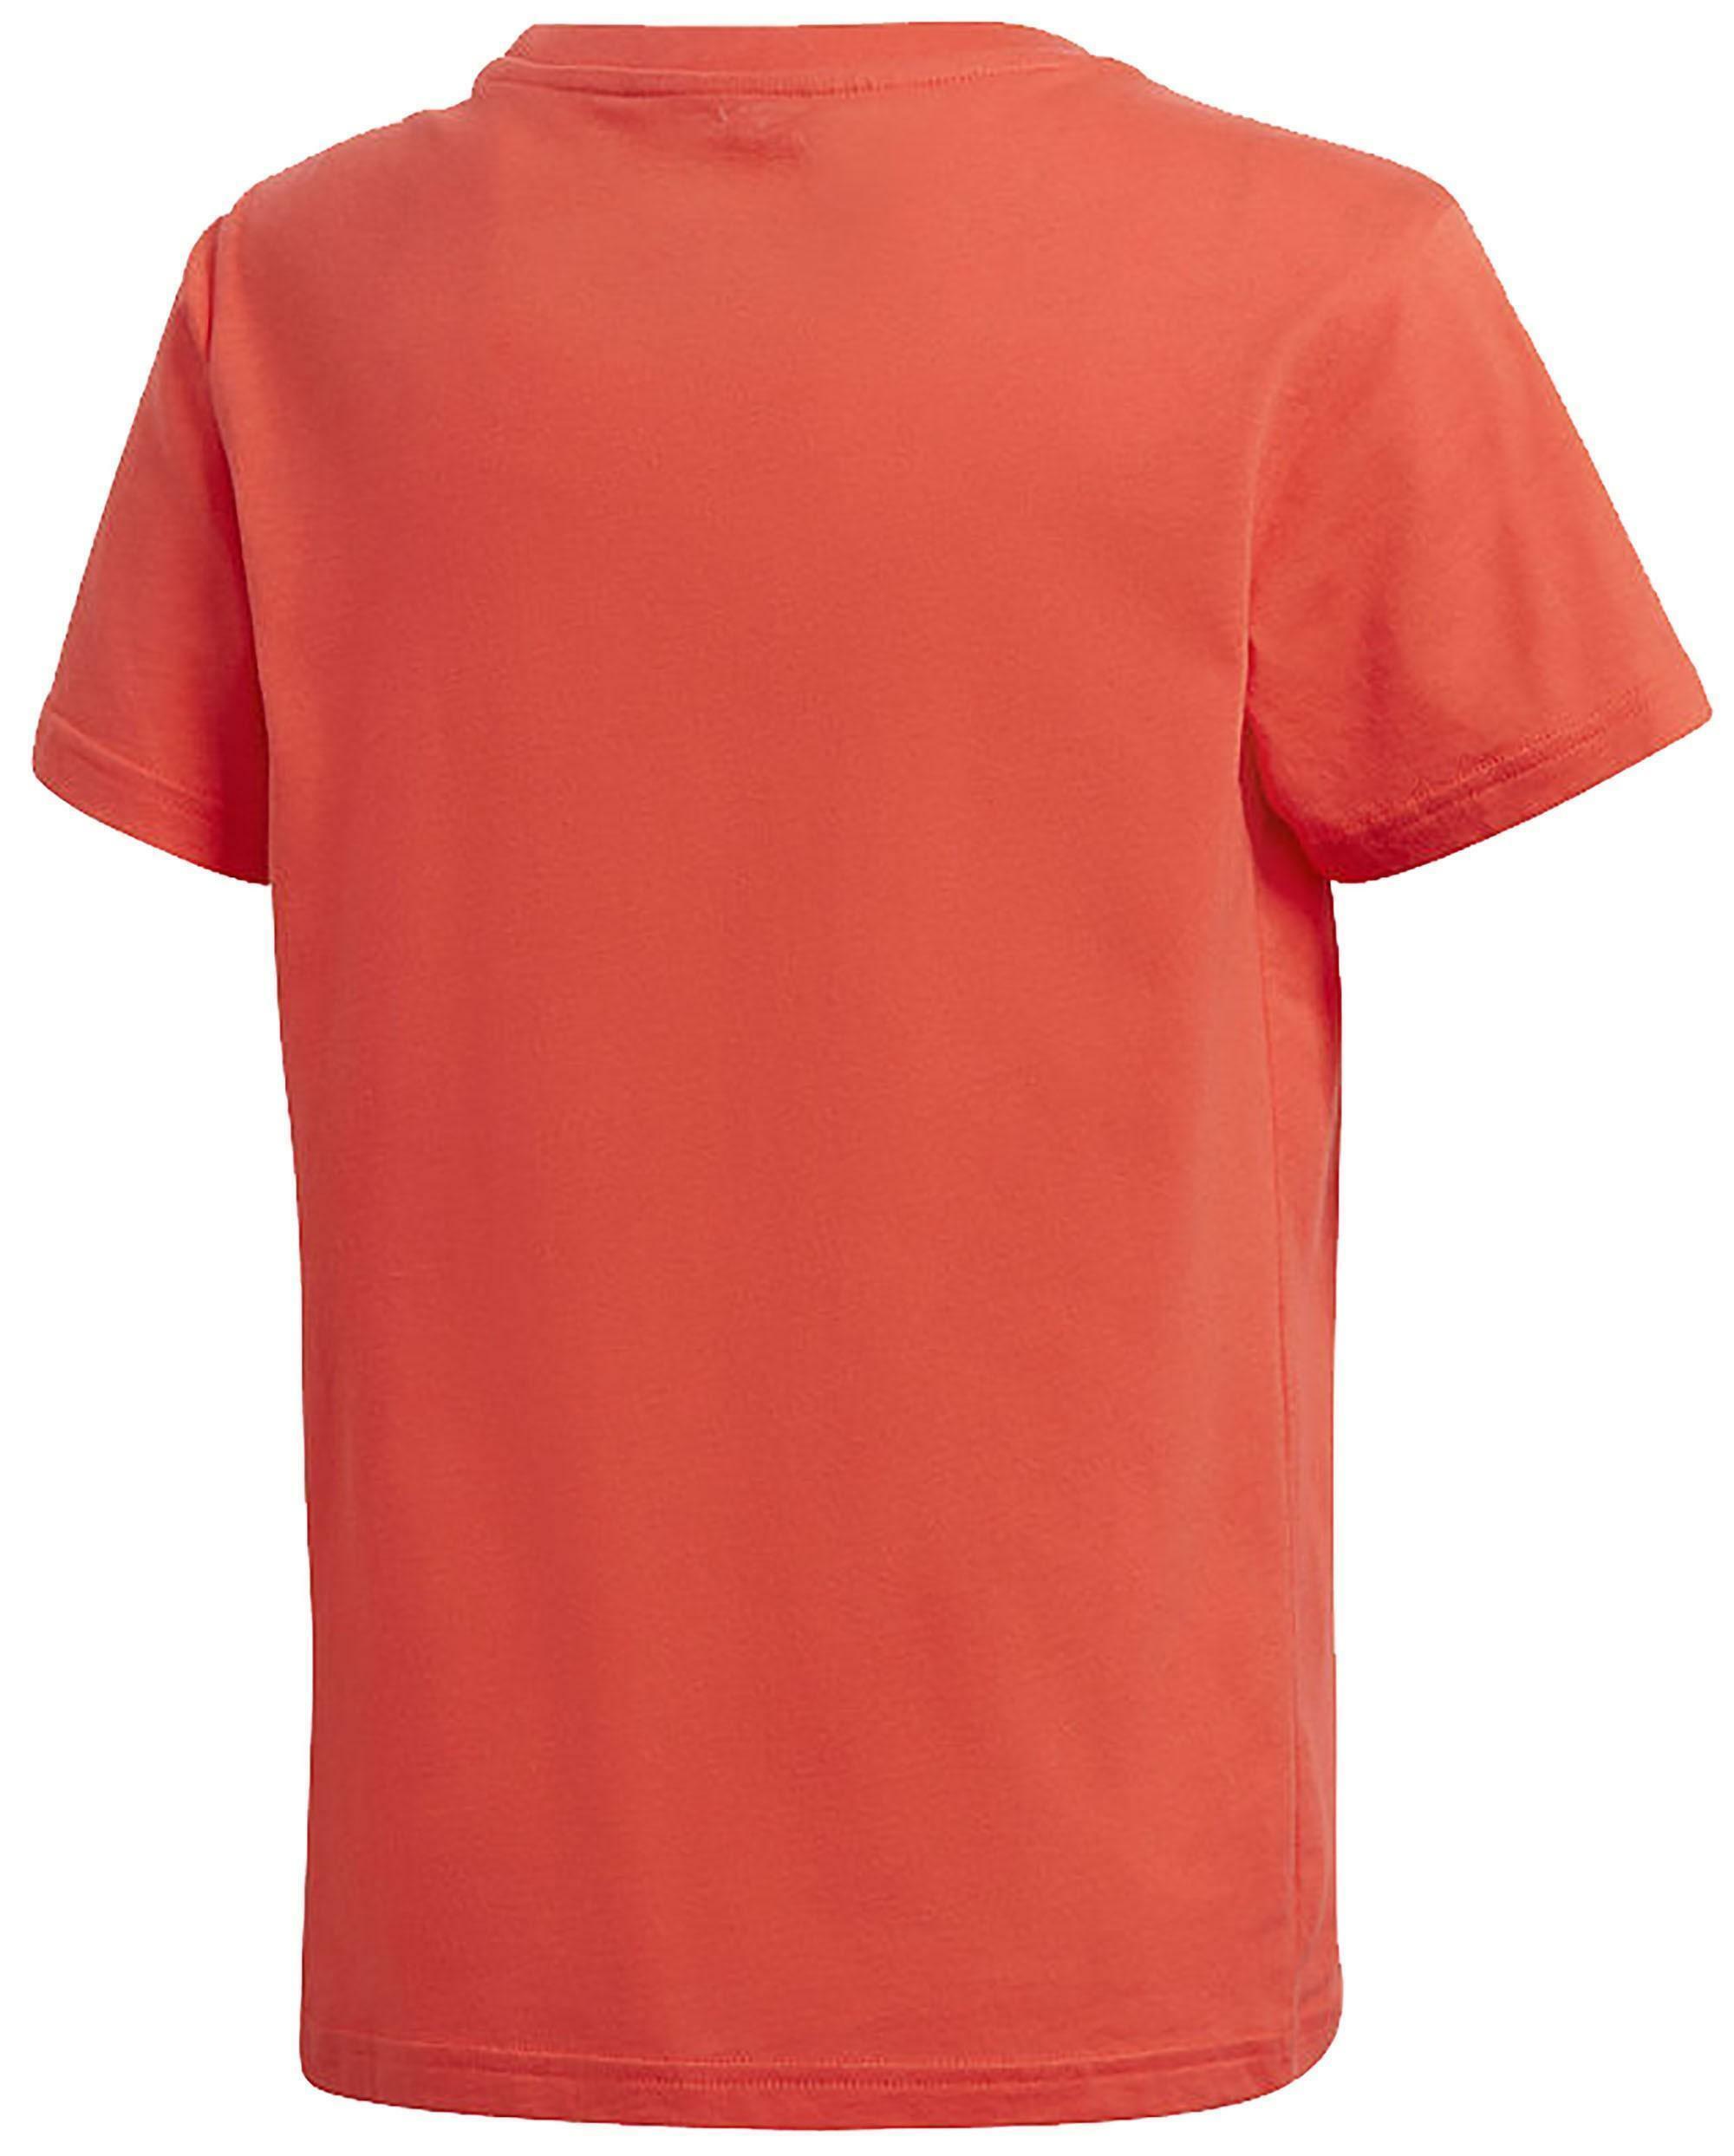 adidas originals adidas j trf t-shirt bambino/a rossa dh2474